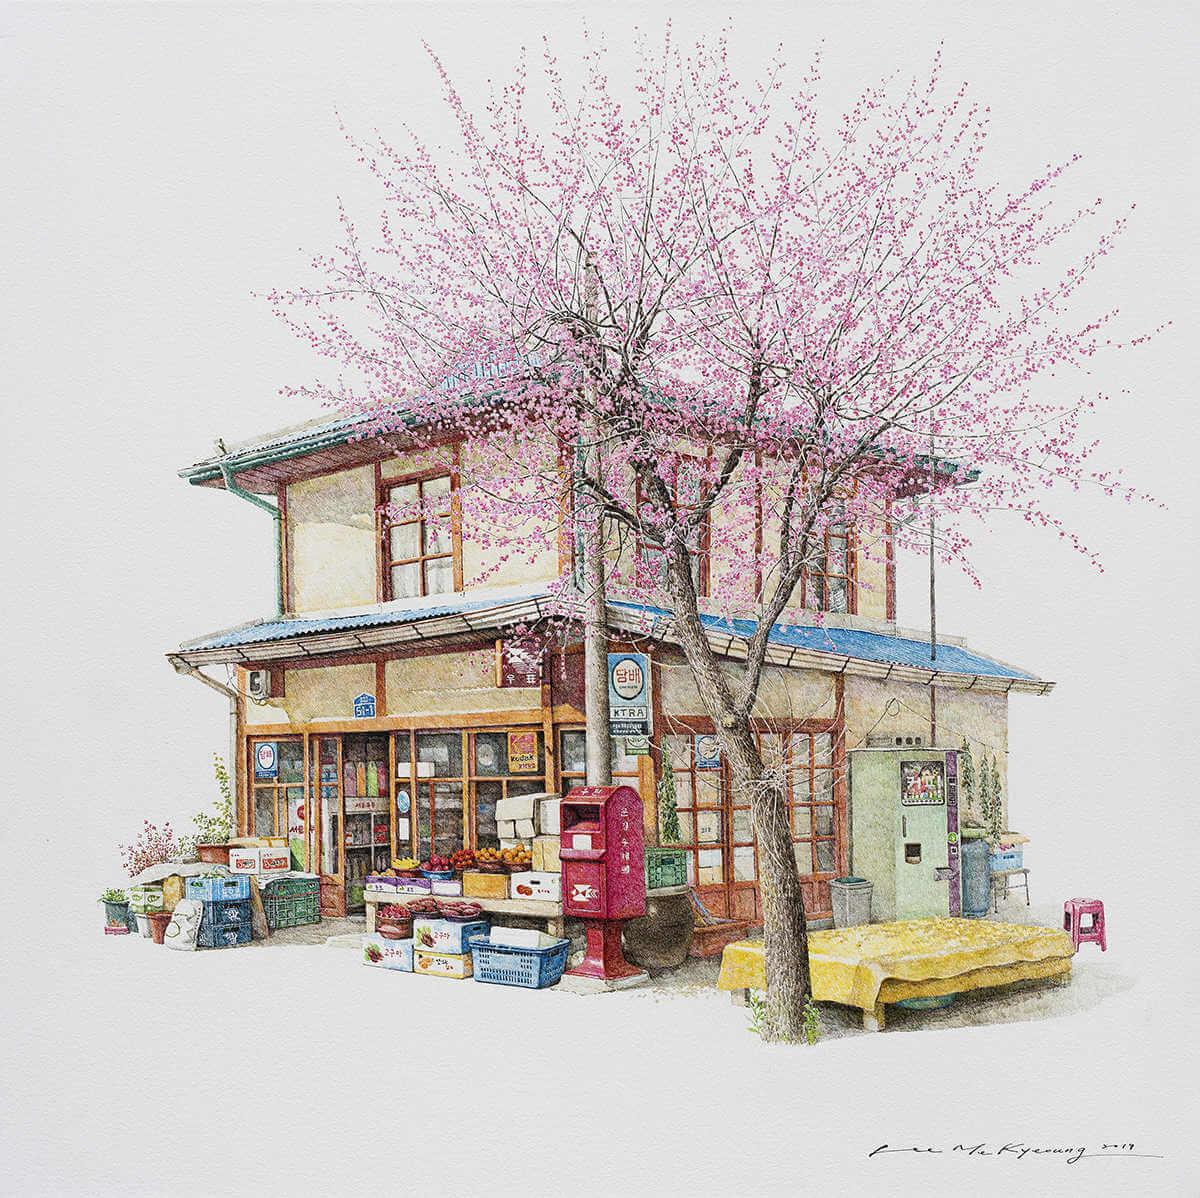 Ilustracion tiendas tradicionales en corea del sur